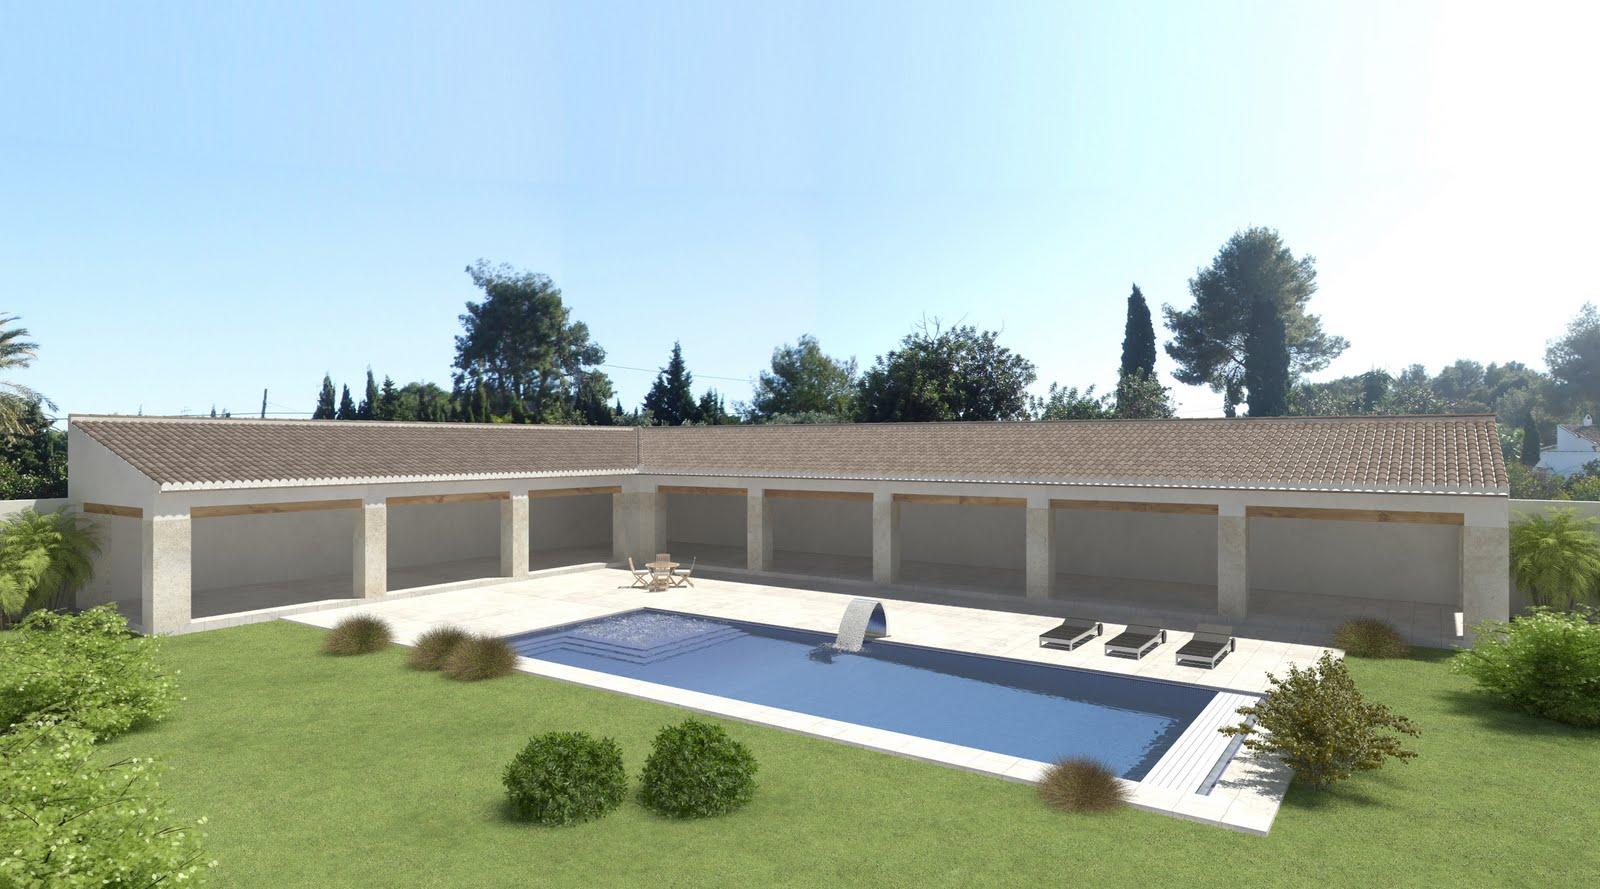 proyectos de piscinas o spas en 3d lucas gunitec